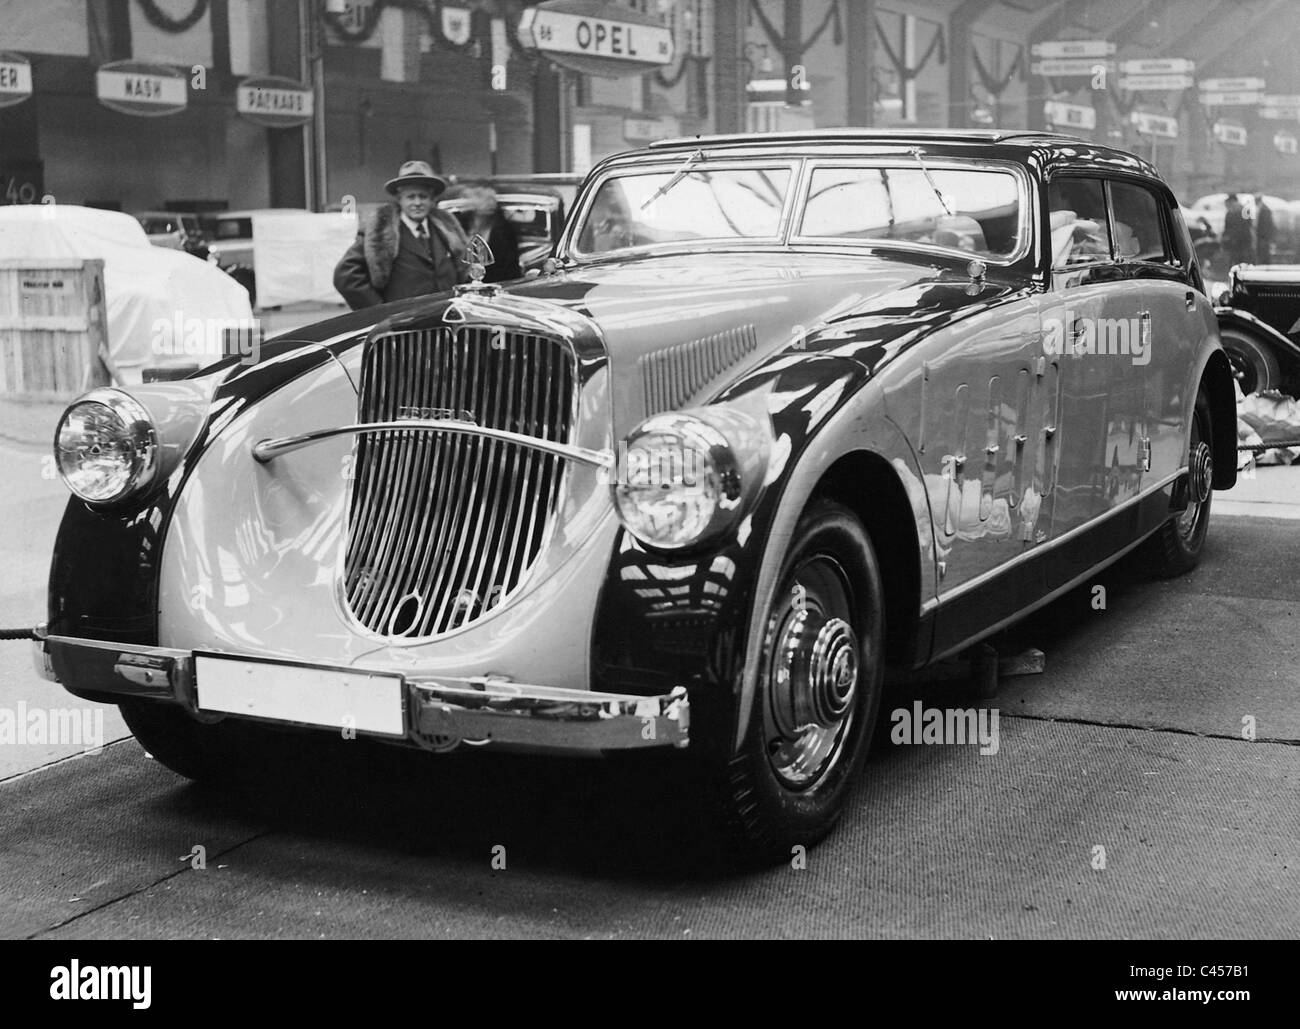 Maybach Car Company Stock Photos & Maybach Car Company Stock Images ...